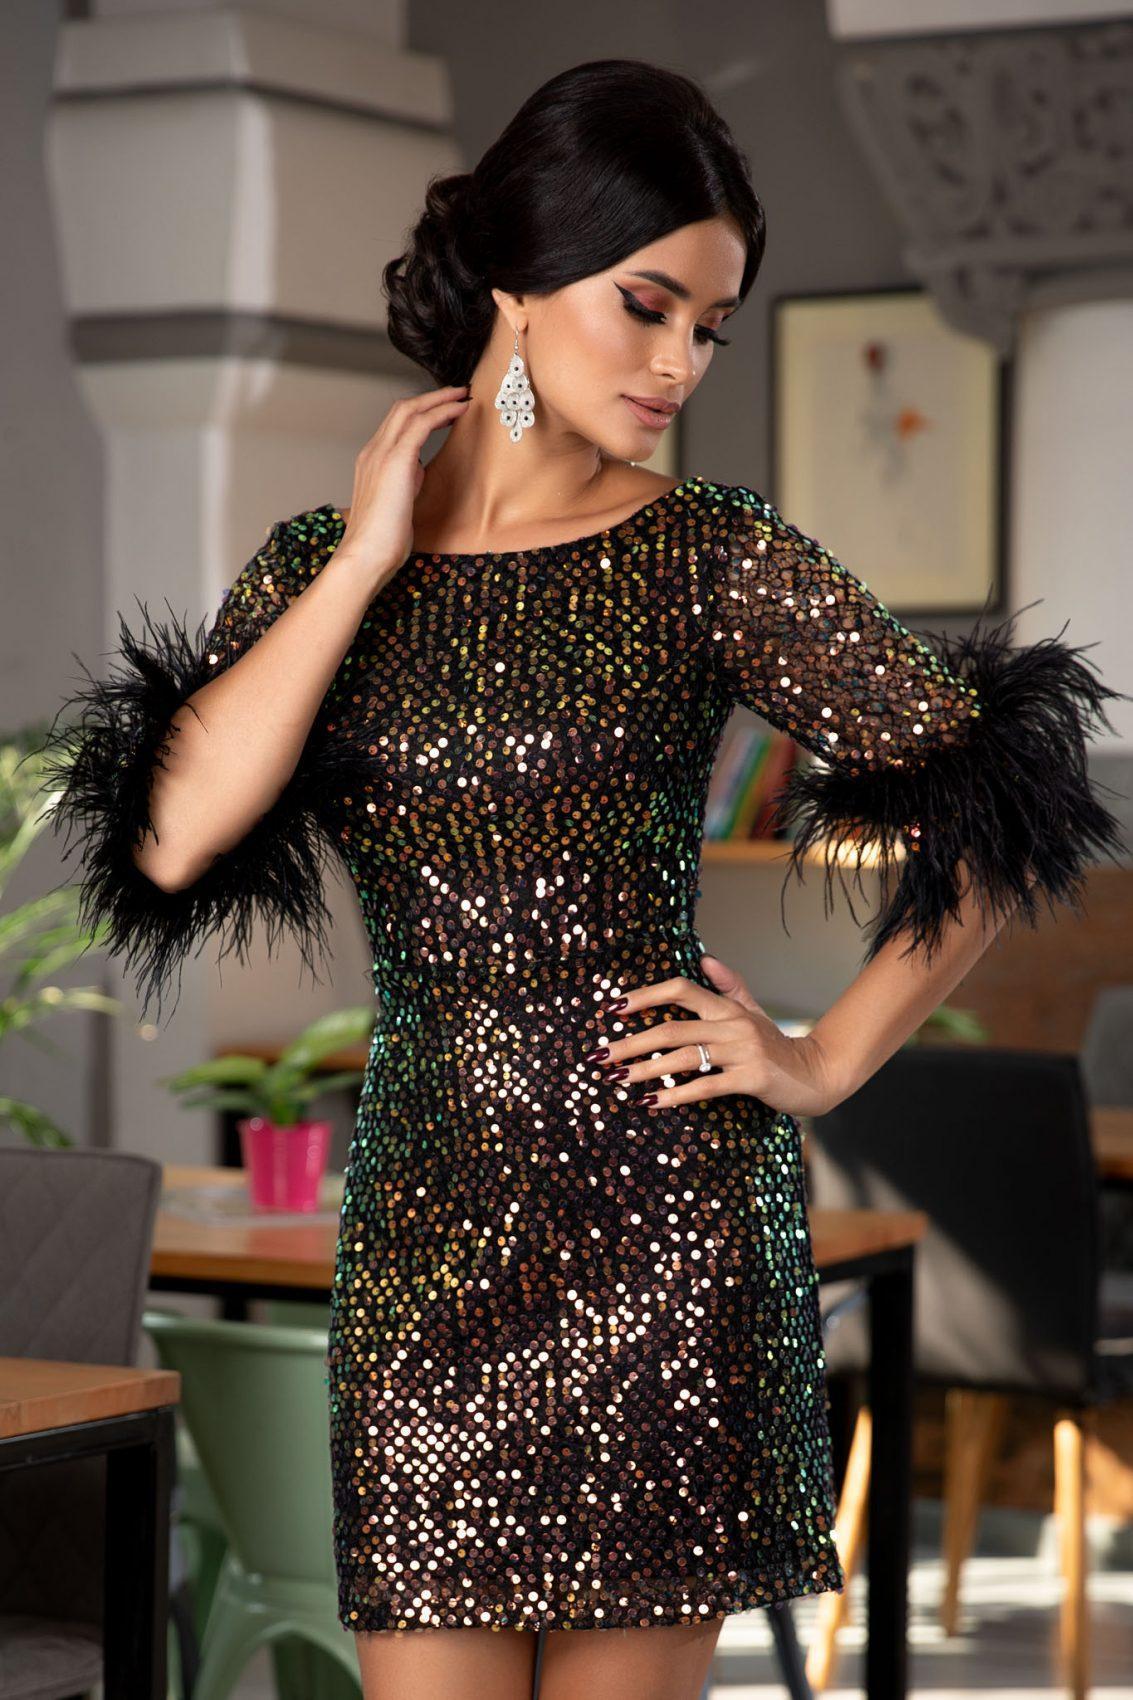 Gwenith Black Dress